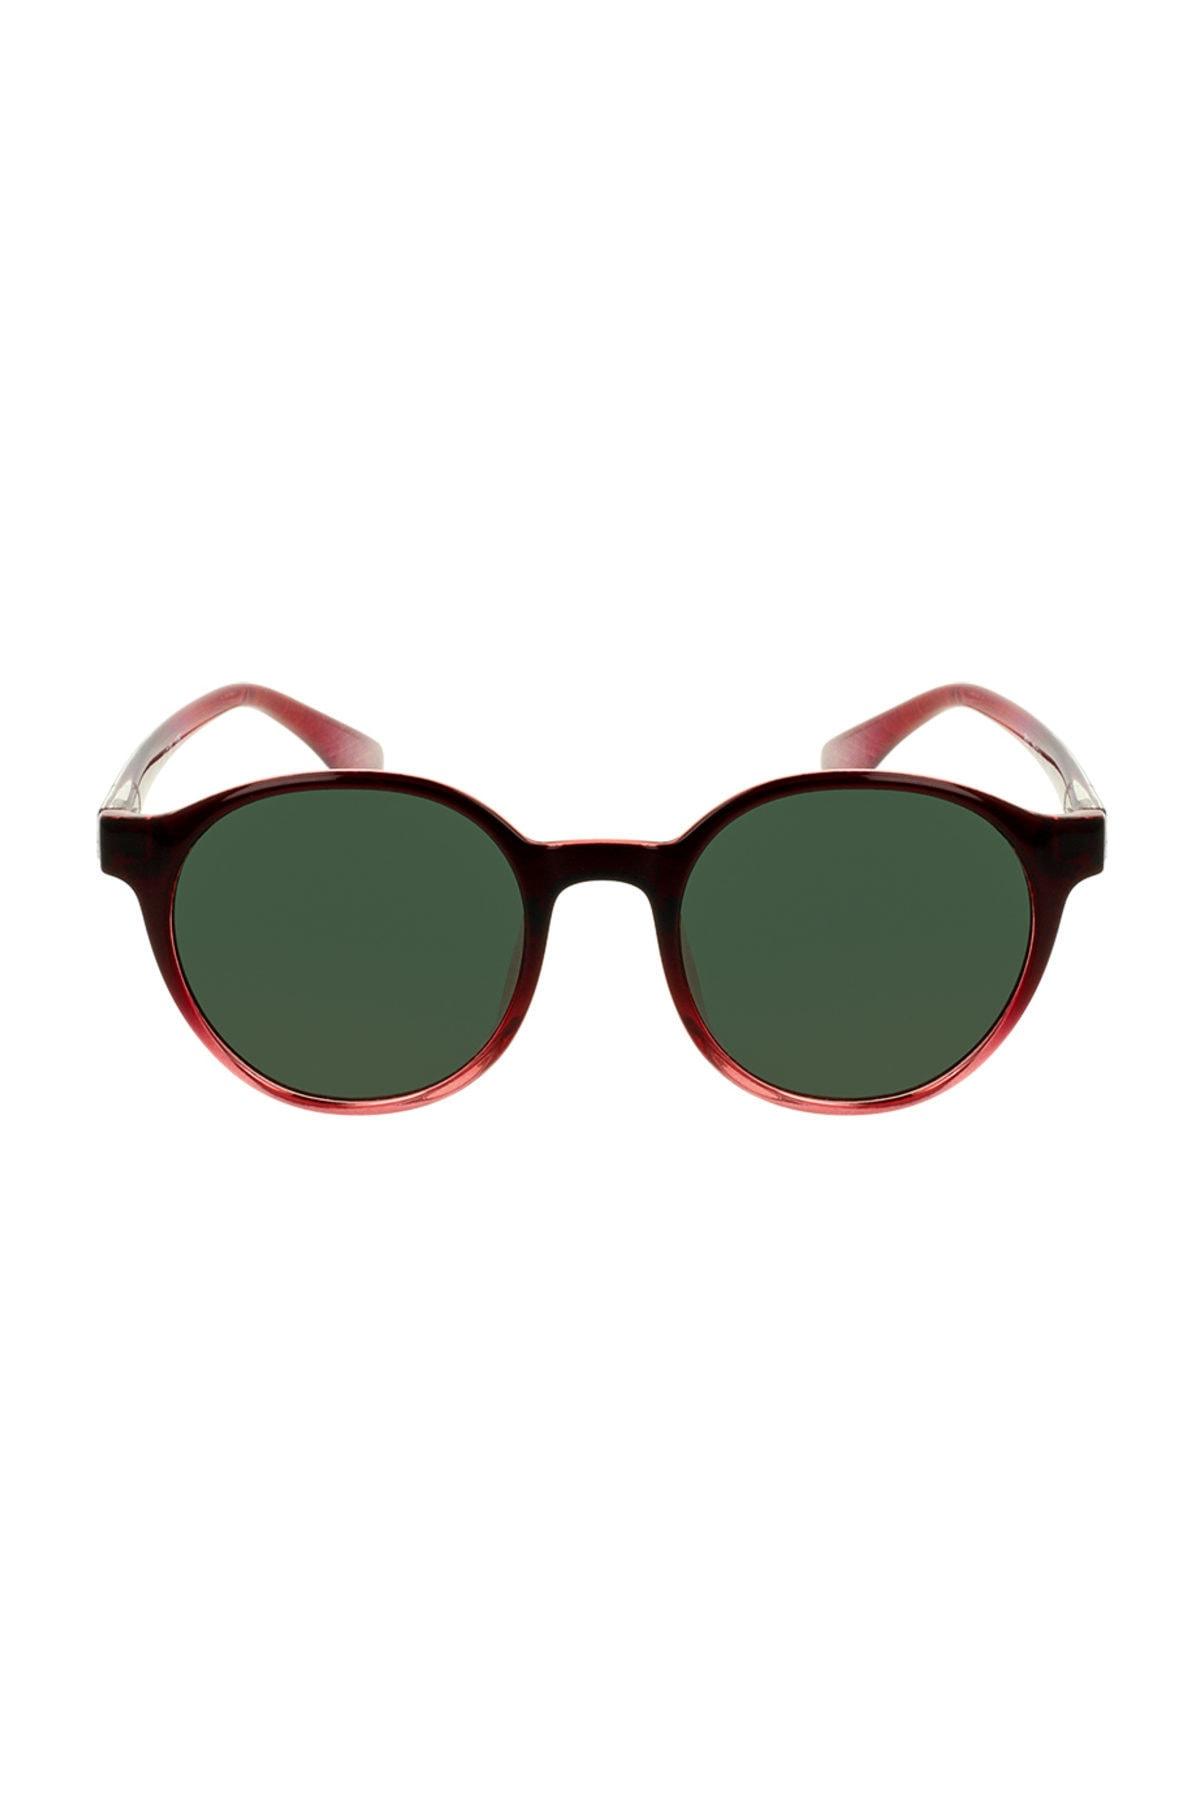 خرید اینترنتی عینک آفتابی پسرانه 2021 برند INESTA KIDS POLARIZED رنگ بژ کد ty33199195